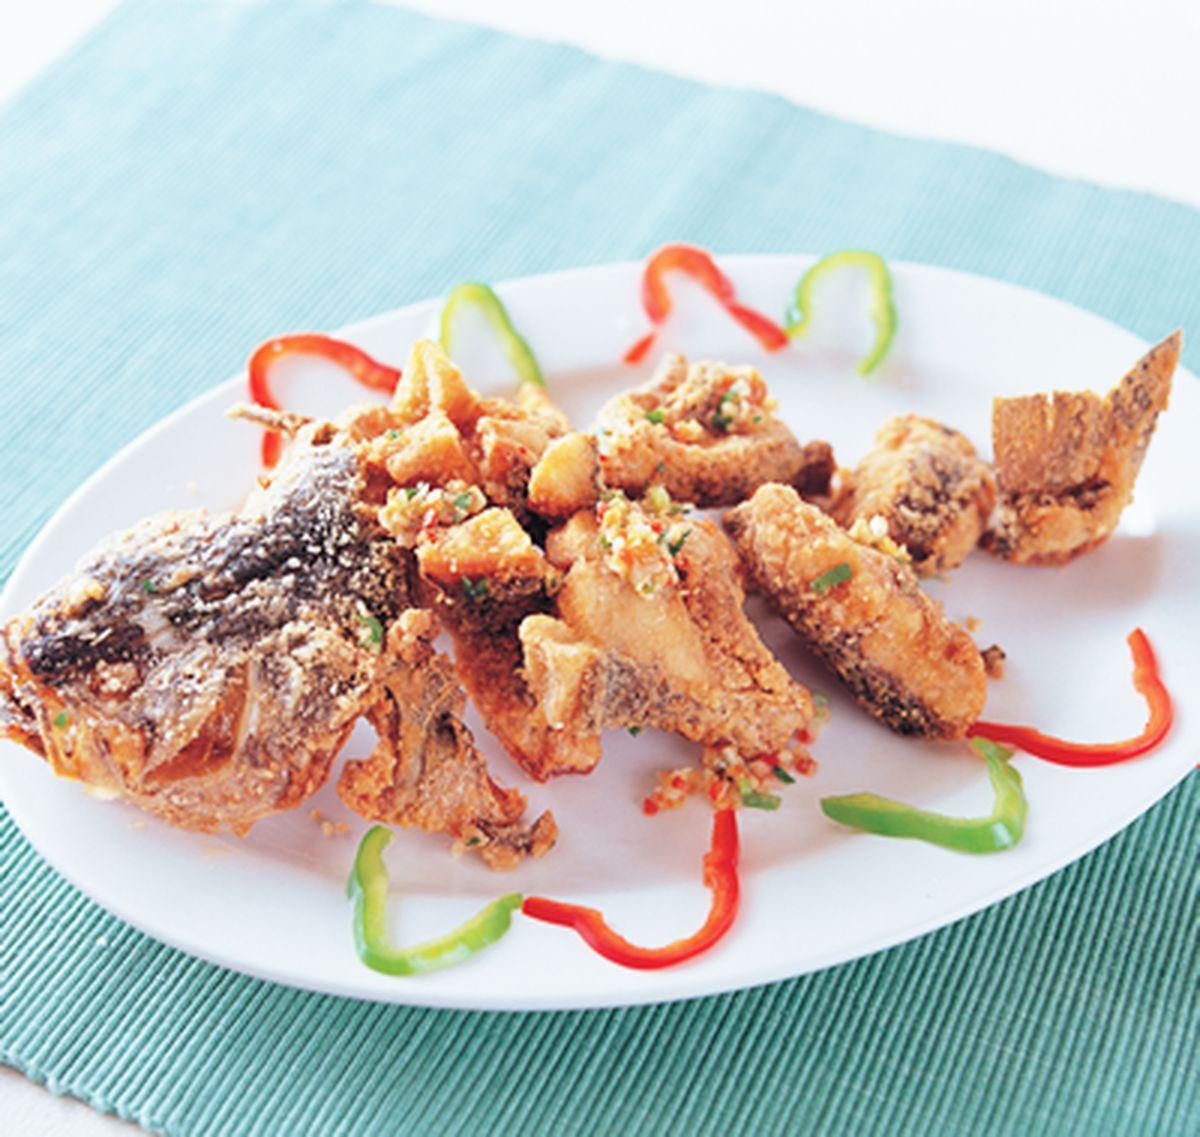 食譜:椒鹽鱸魚段